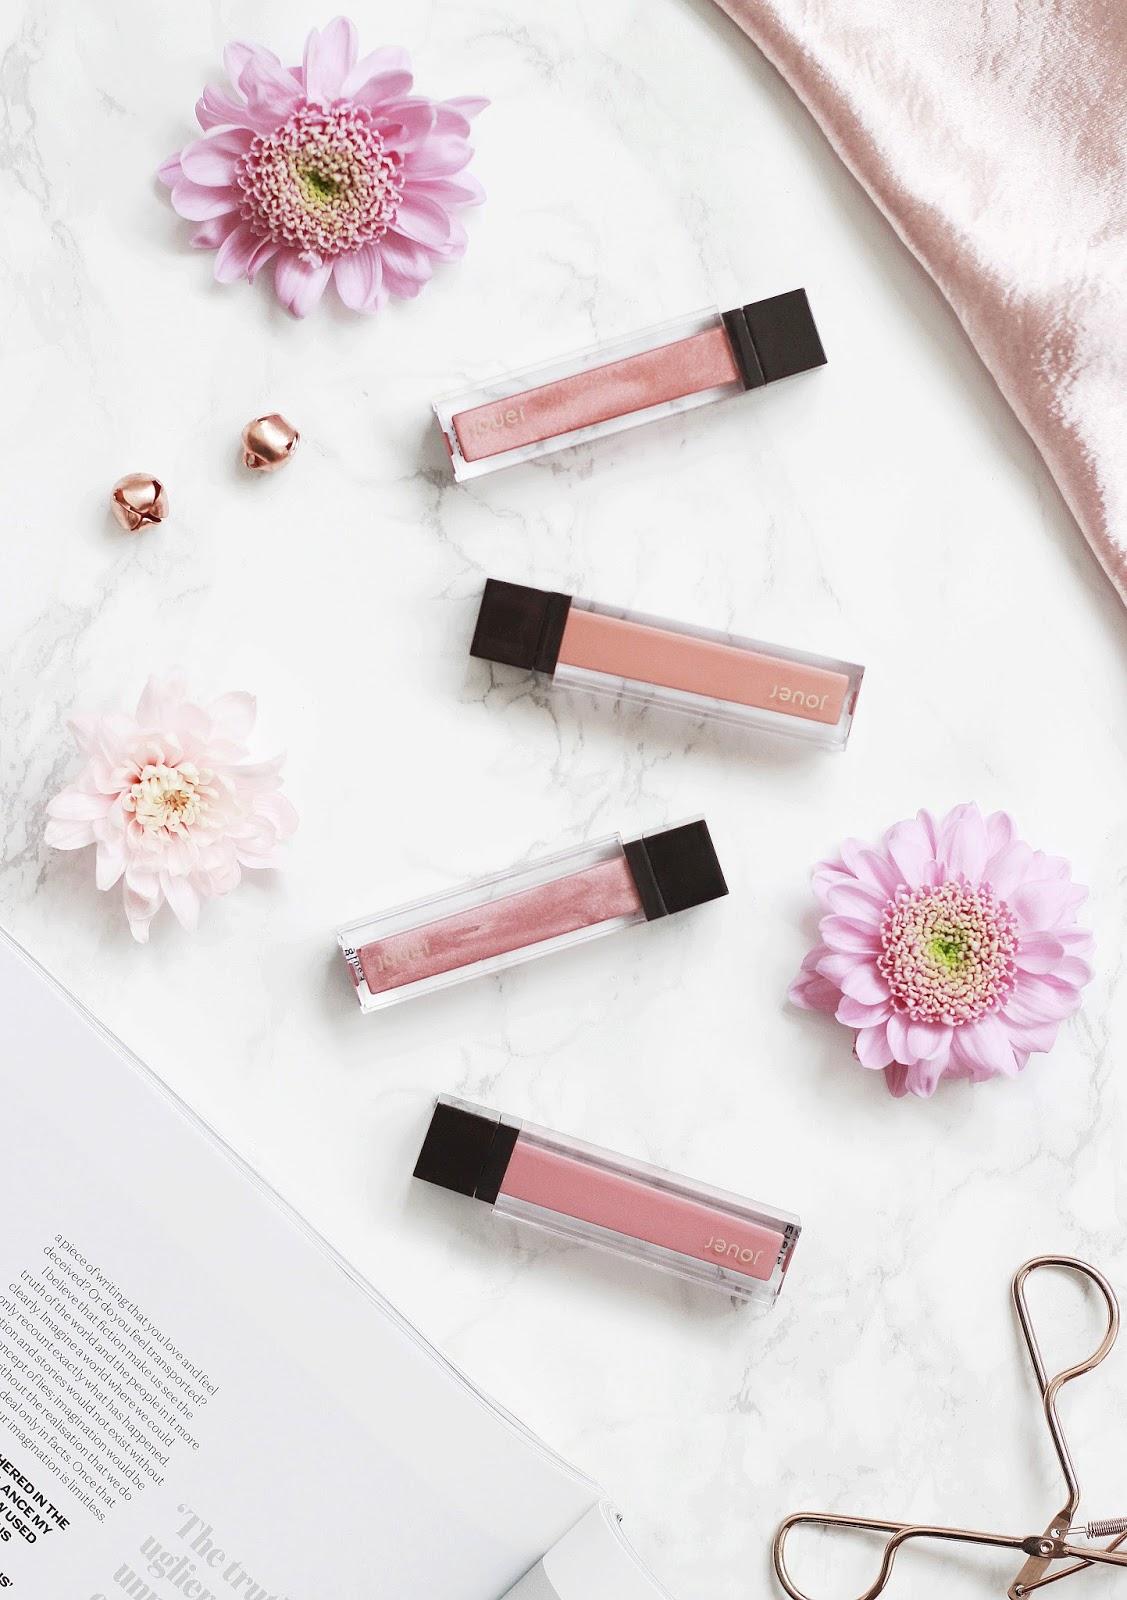 Jouer Creme Long Wear Lip Creme Liquid Lipstick Review